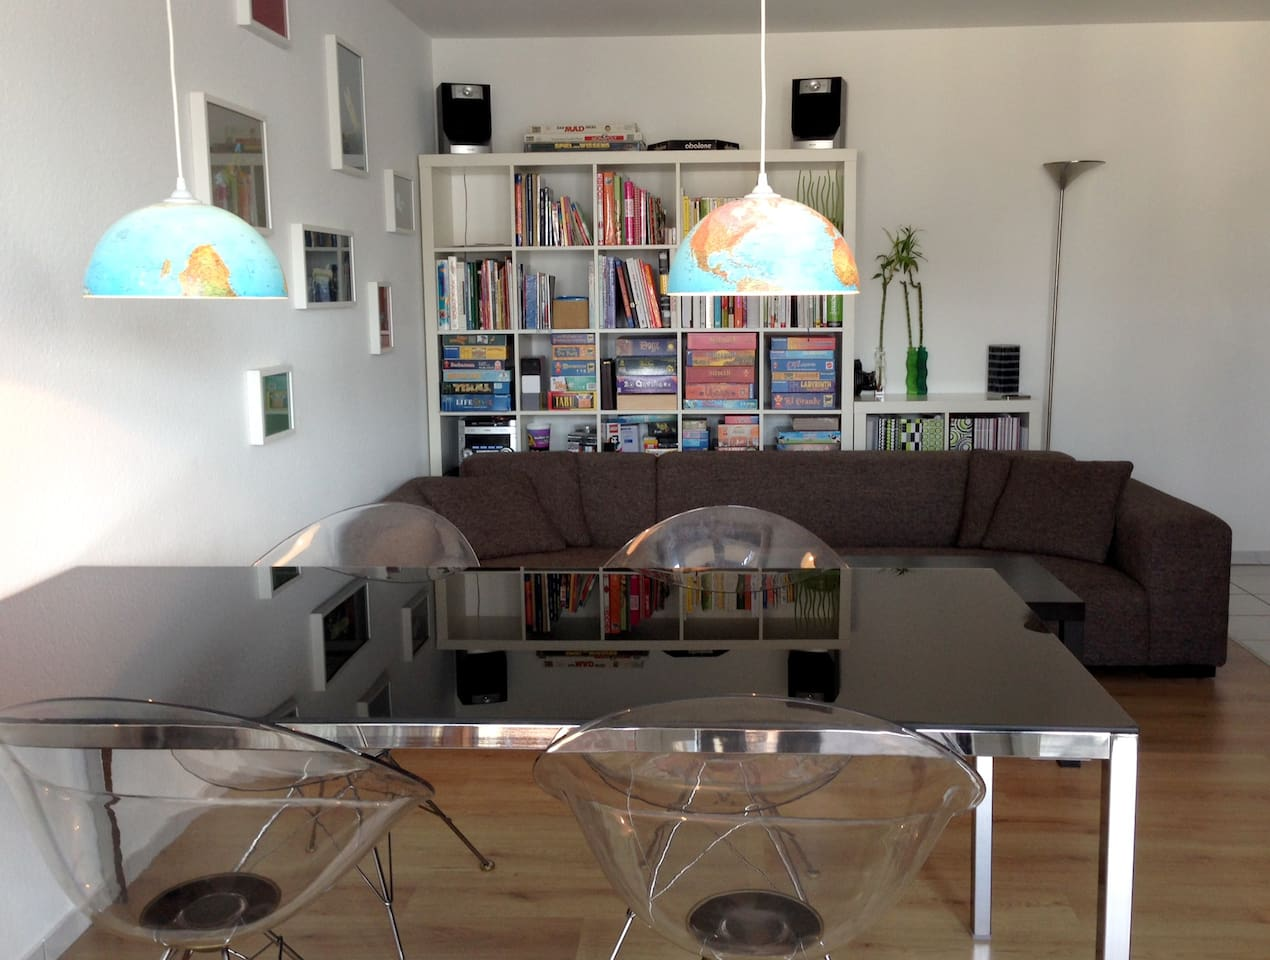 Wohnzimmer mit großer Couch, schönem Essplatz und Arbeitsplatz / living room with huge couch, large dining table and work place